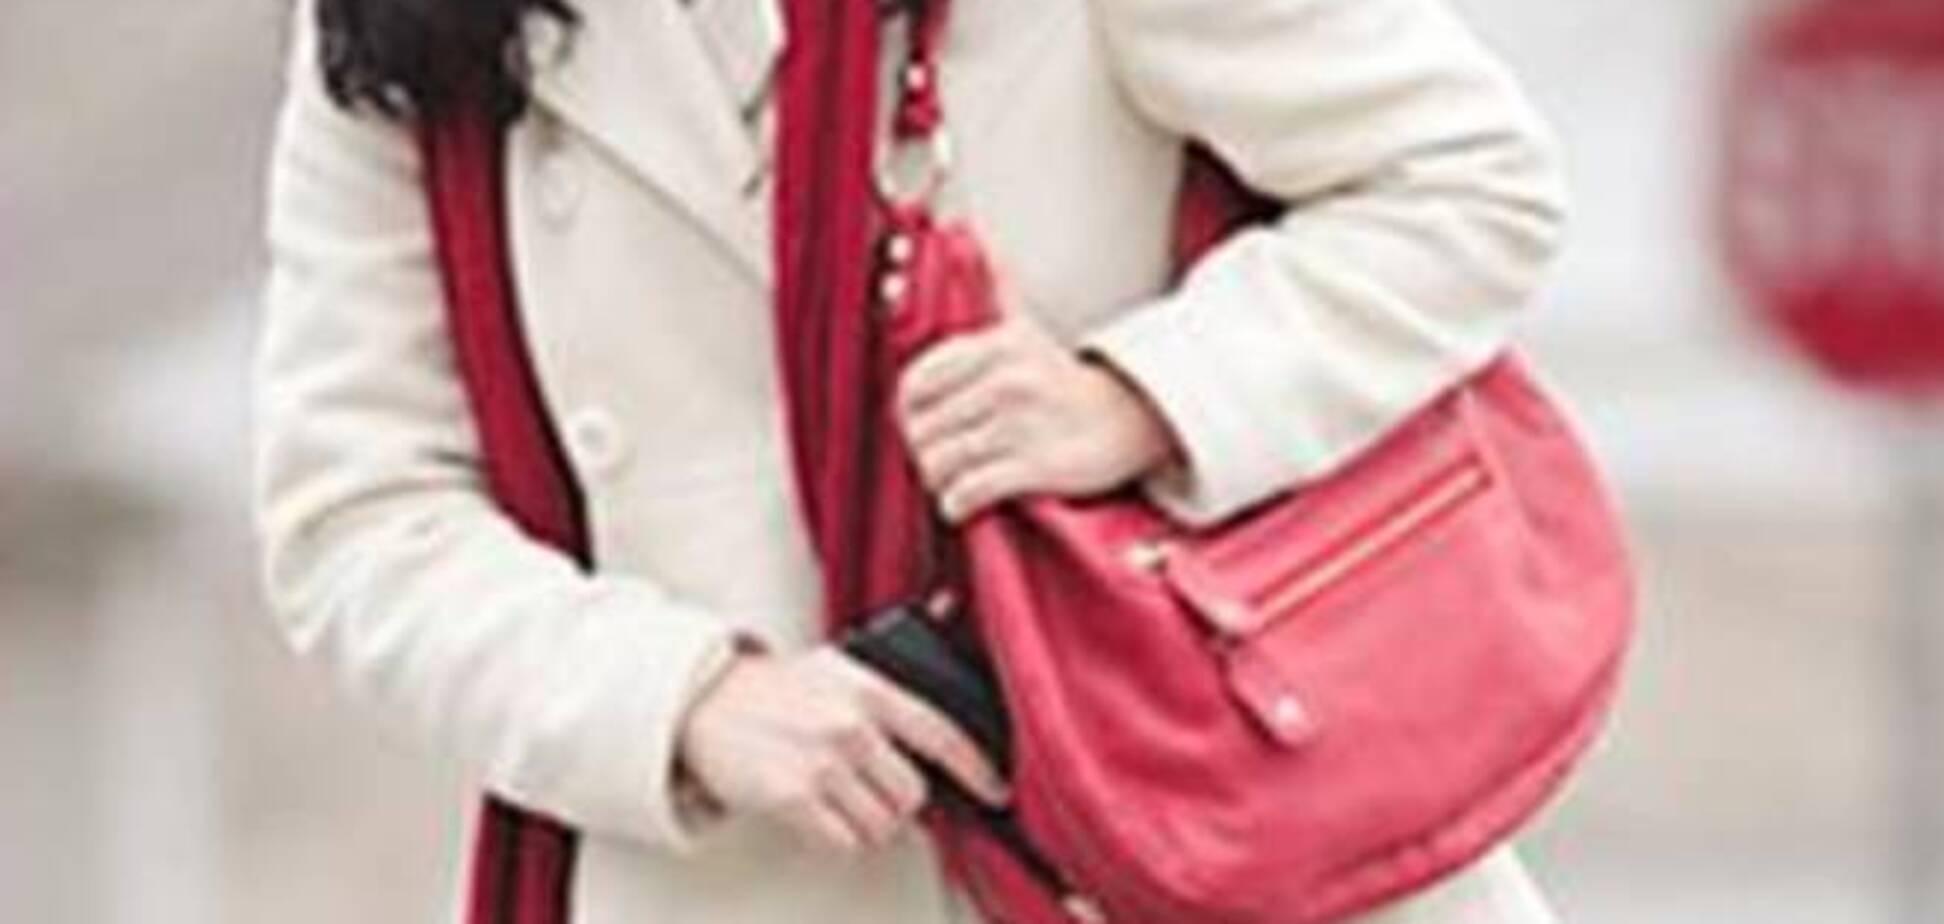 Про пистолет в сумочке: когда разрешат